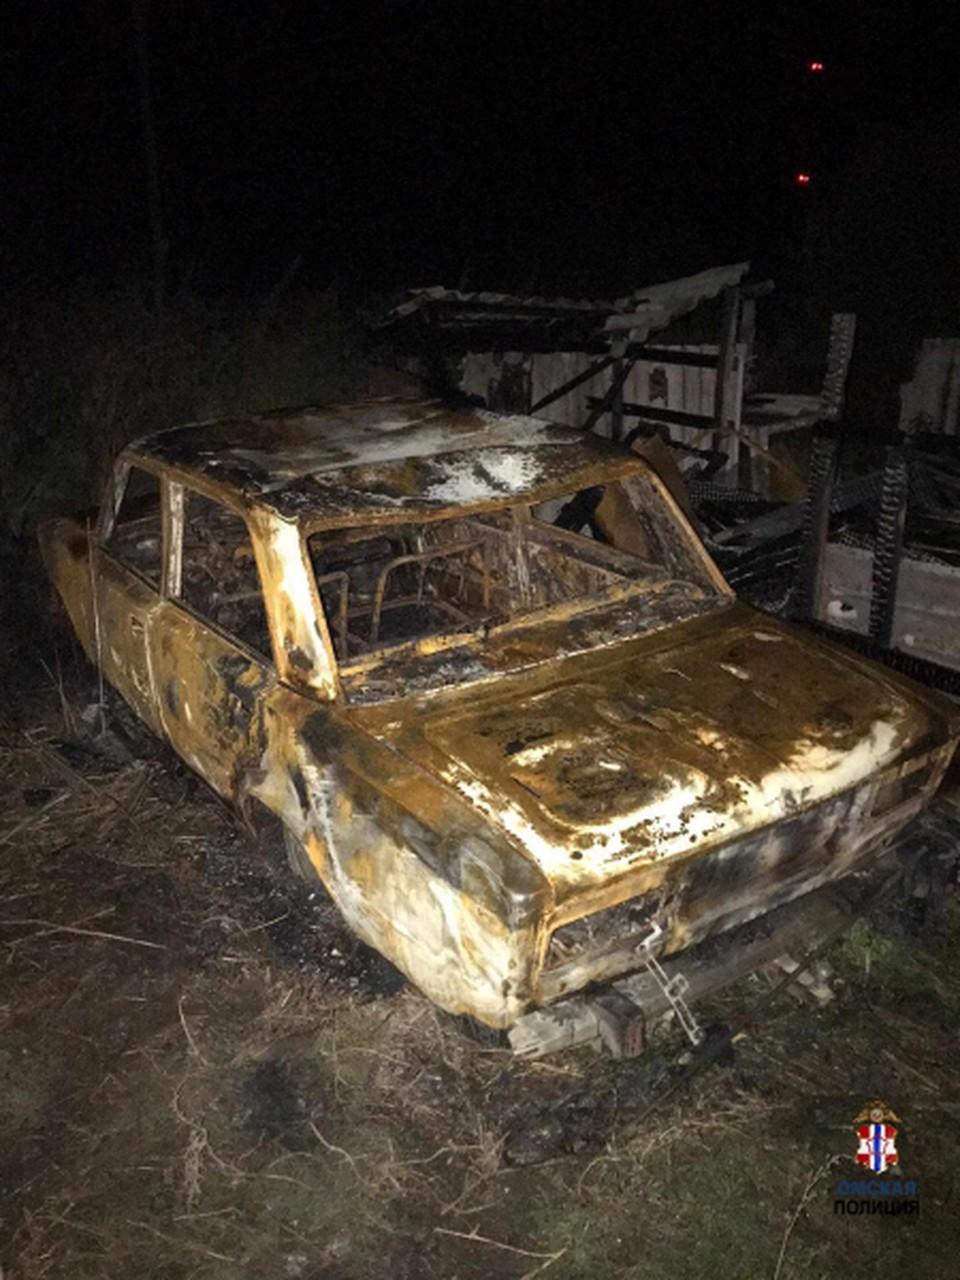 Полицейские смогли найти только обгоревшие остатки от автомобиля.